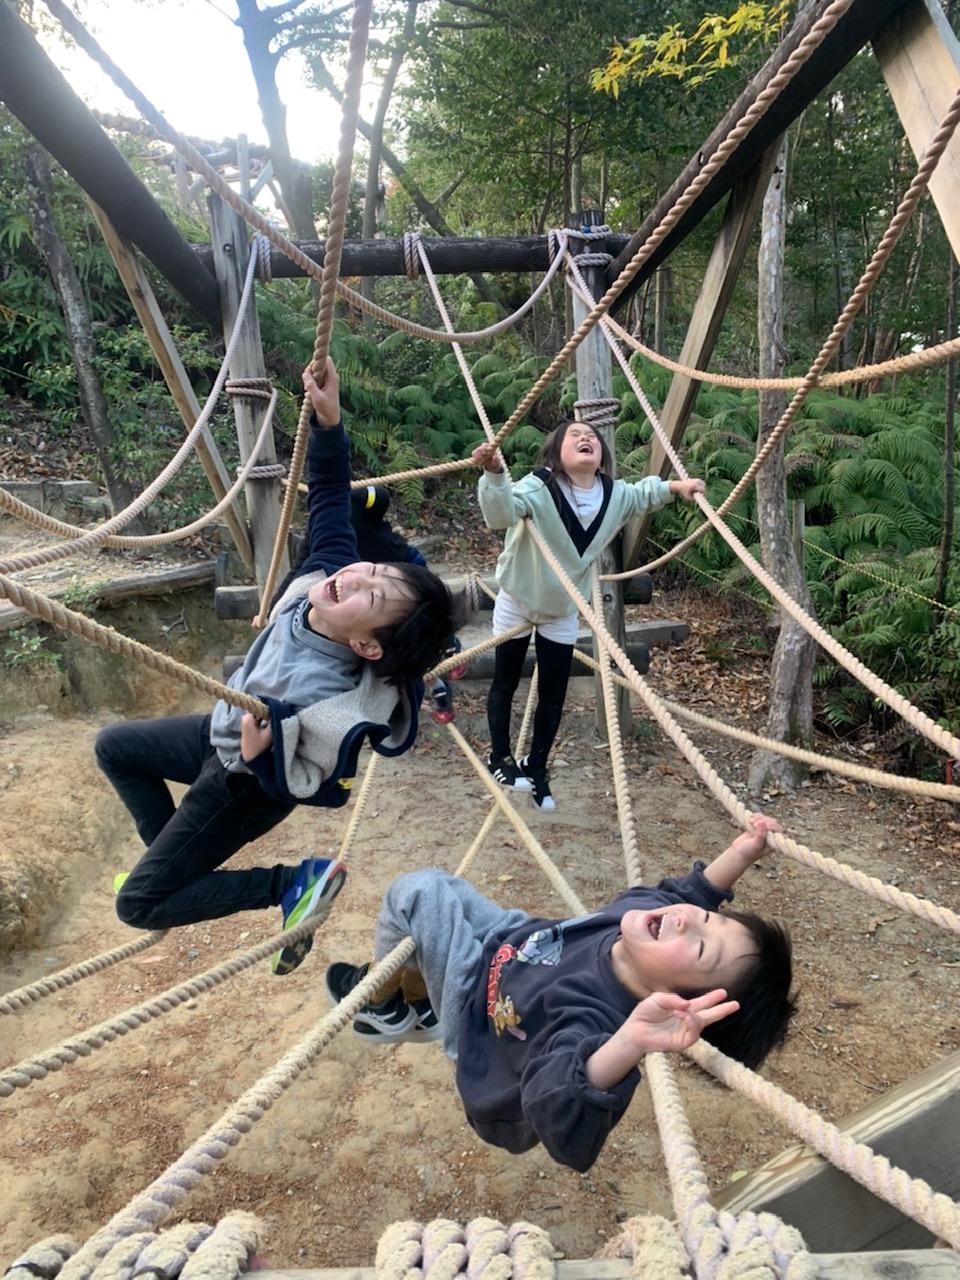 浜北森林アスレチックで遊ぶ子供達